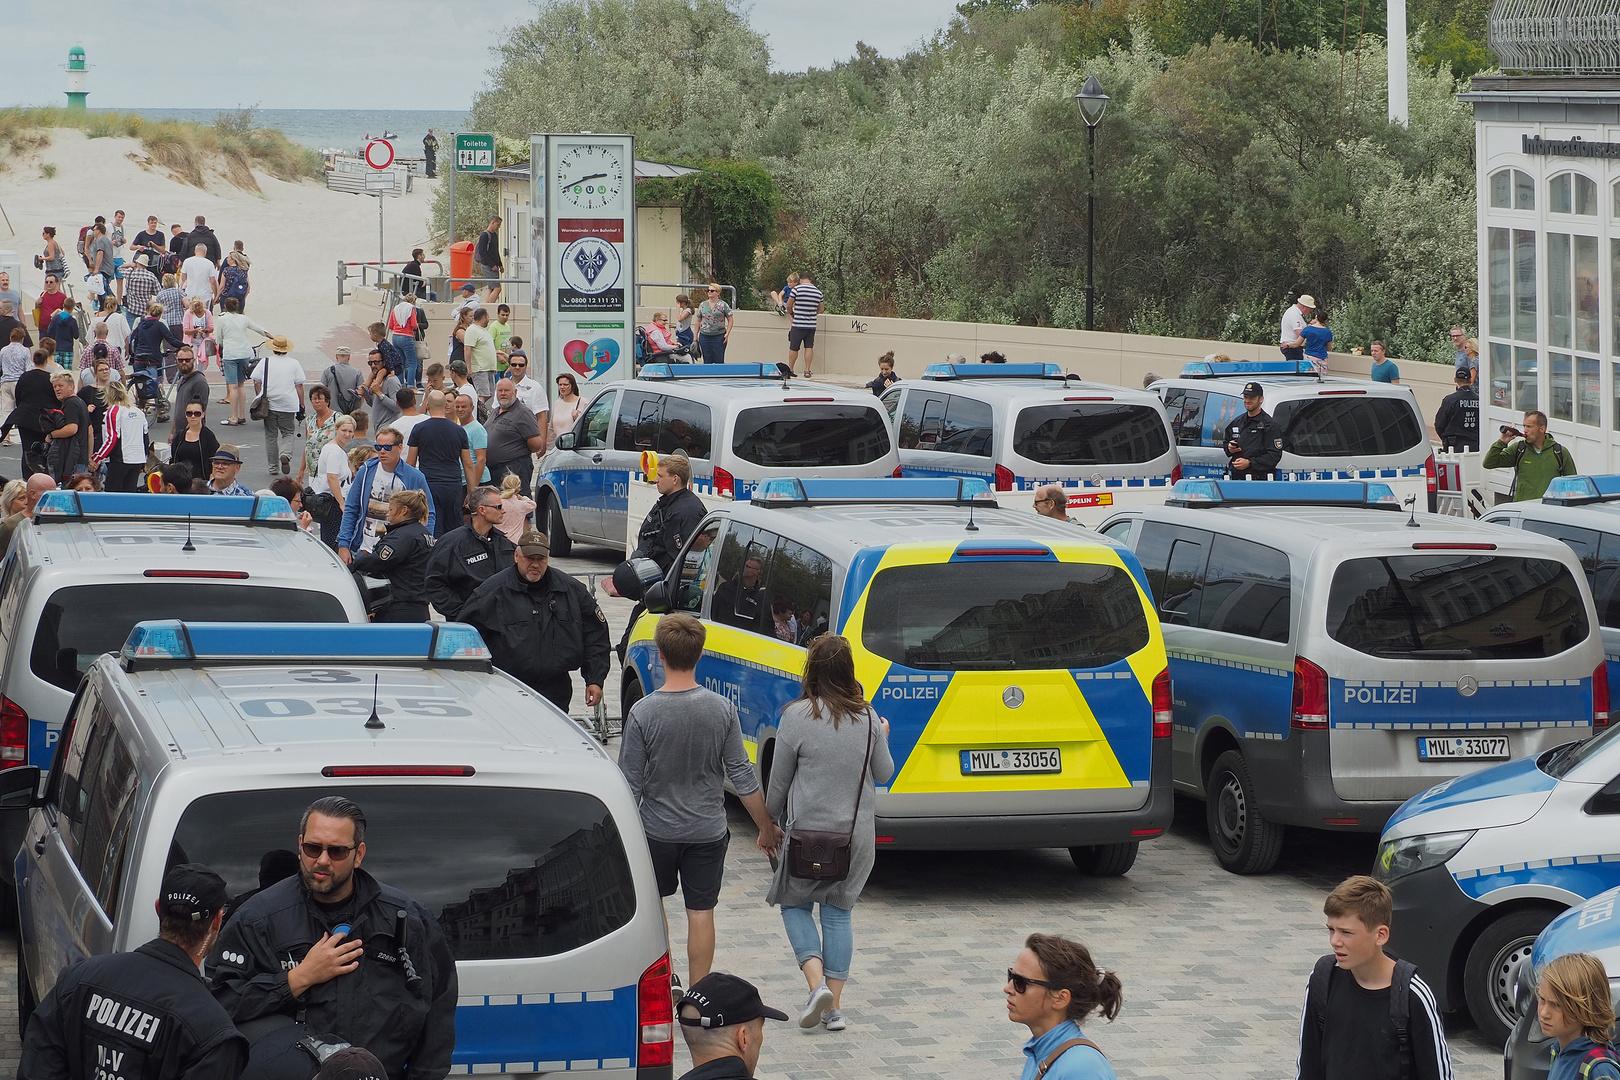 AFD Kundgebung und Gegendemo in Warnemünde (1)